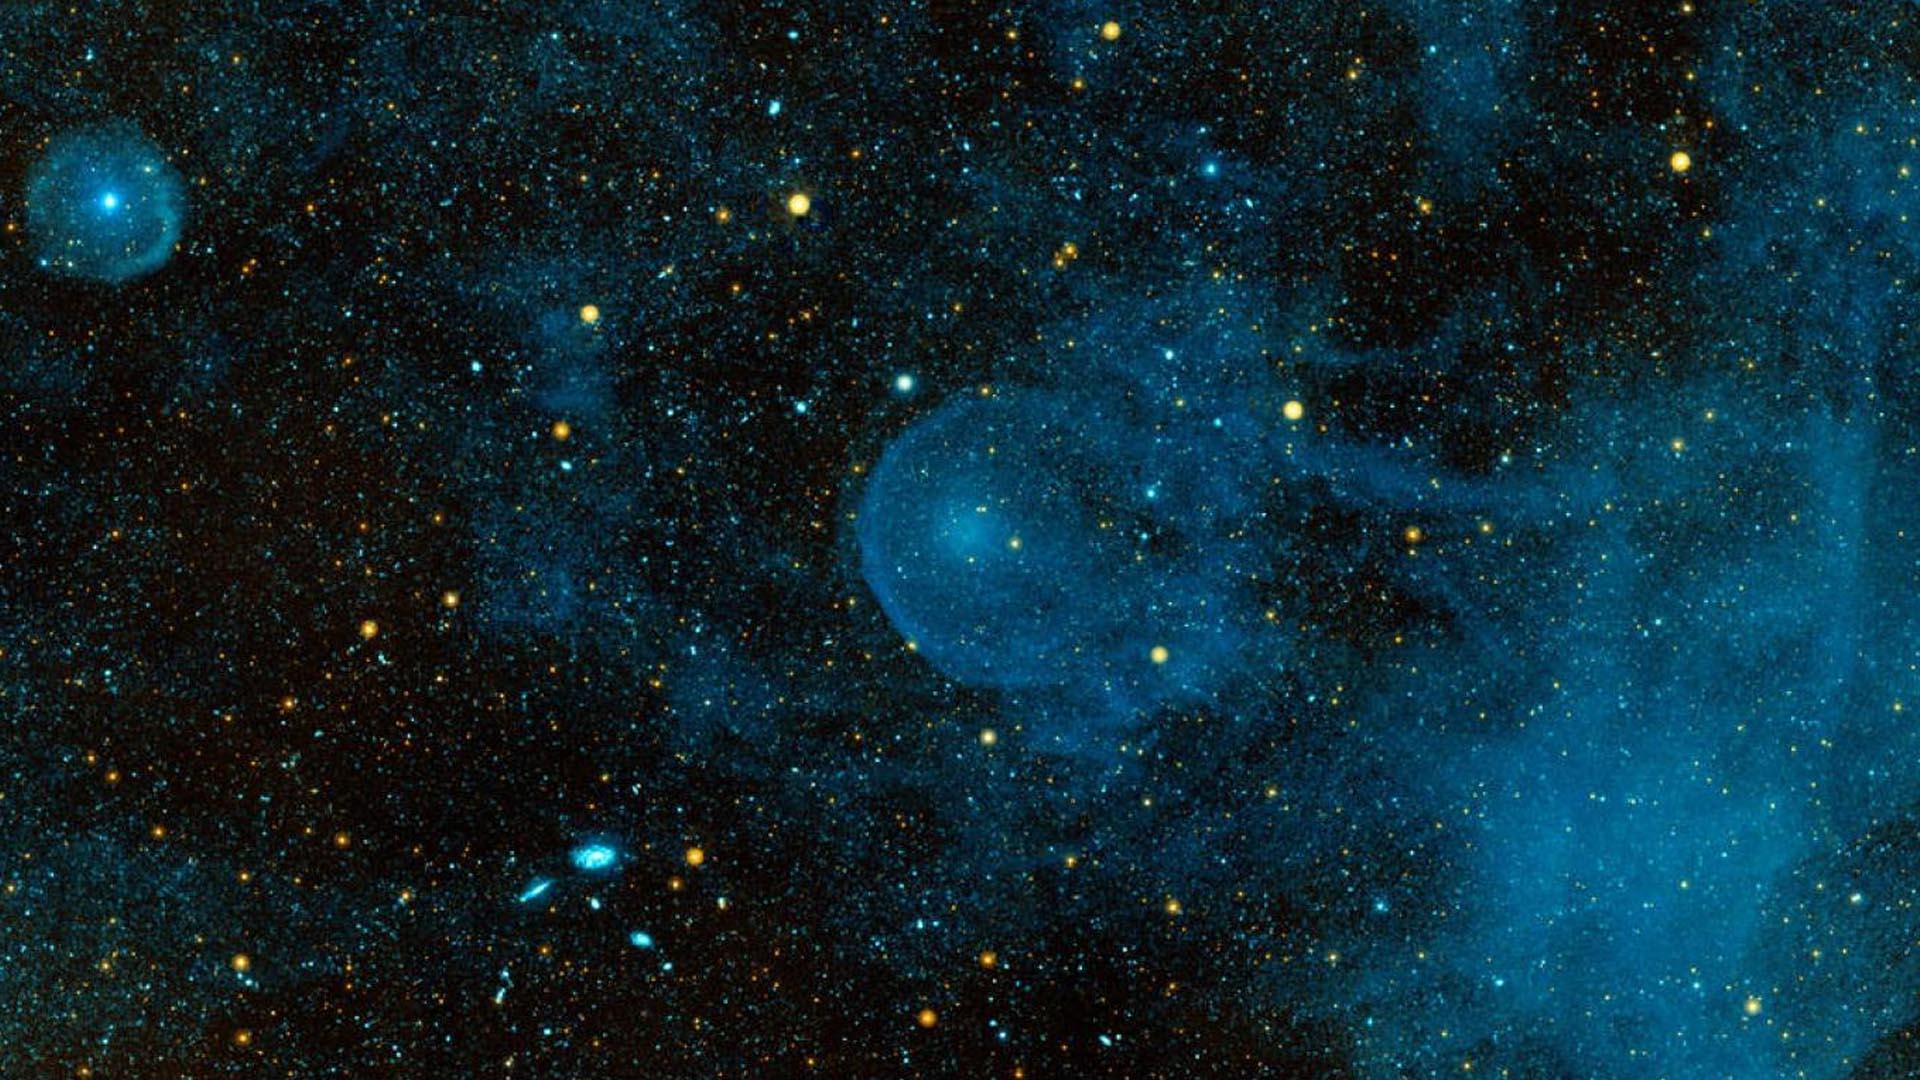 Bilim insanları: Tekrarlayan sinyaller başka bir galaksiden geliyor